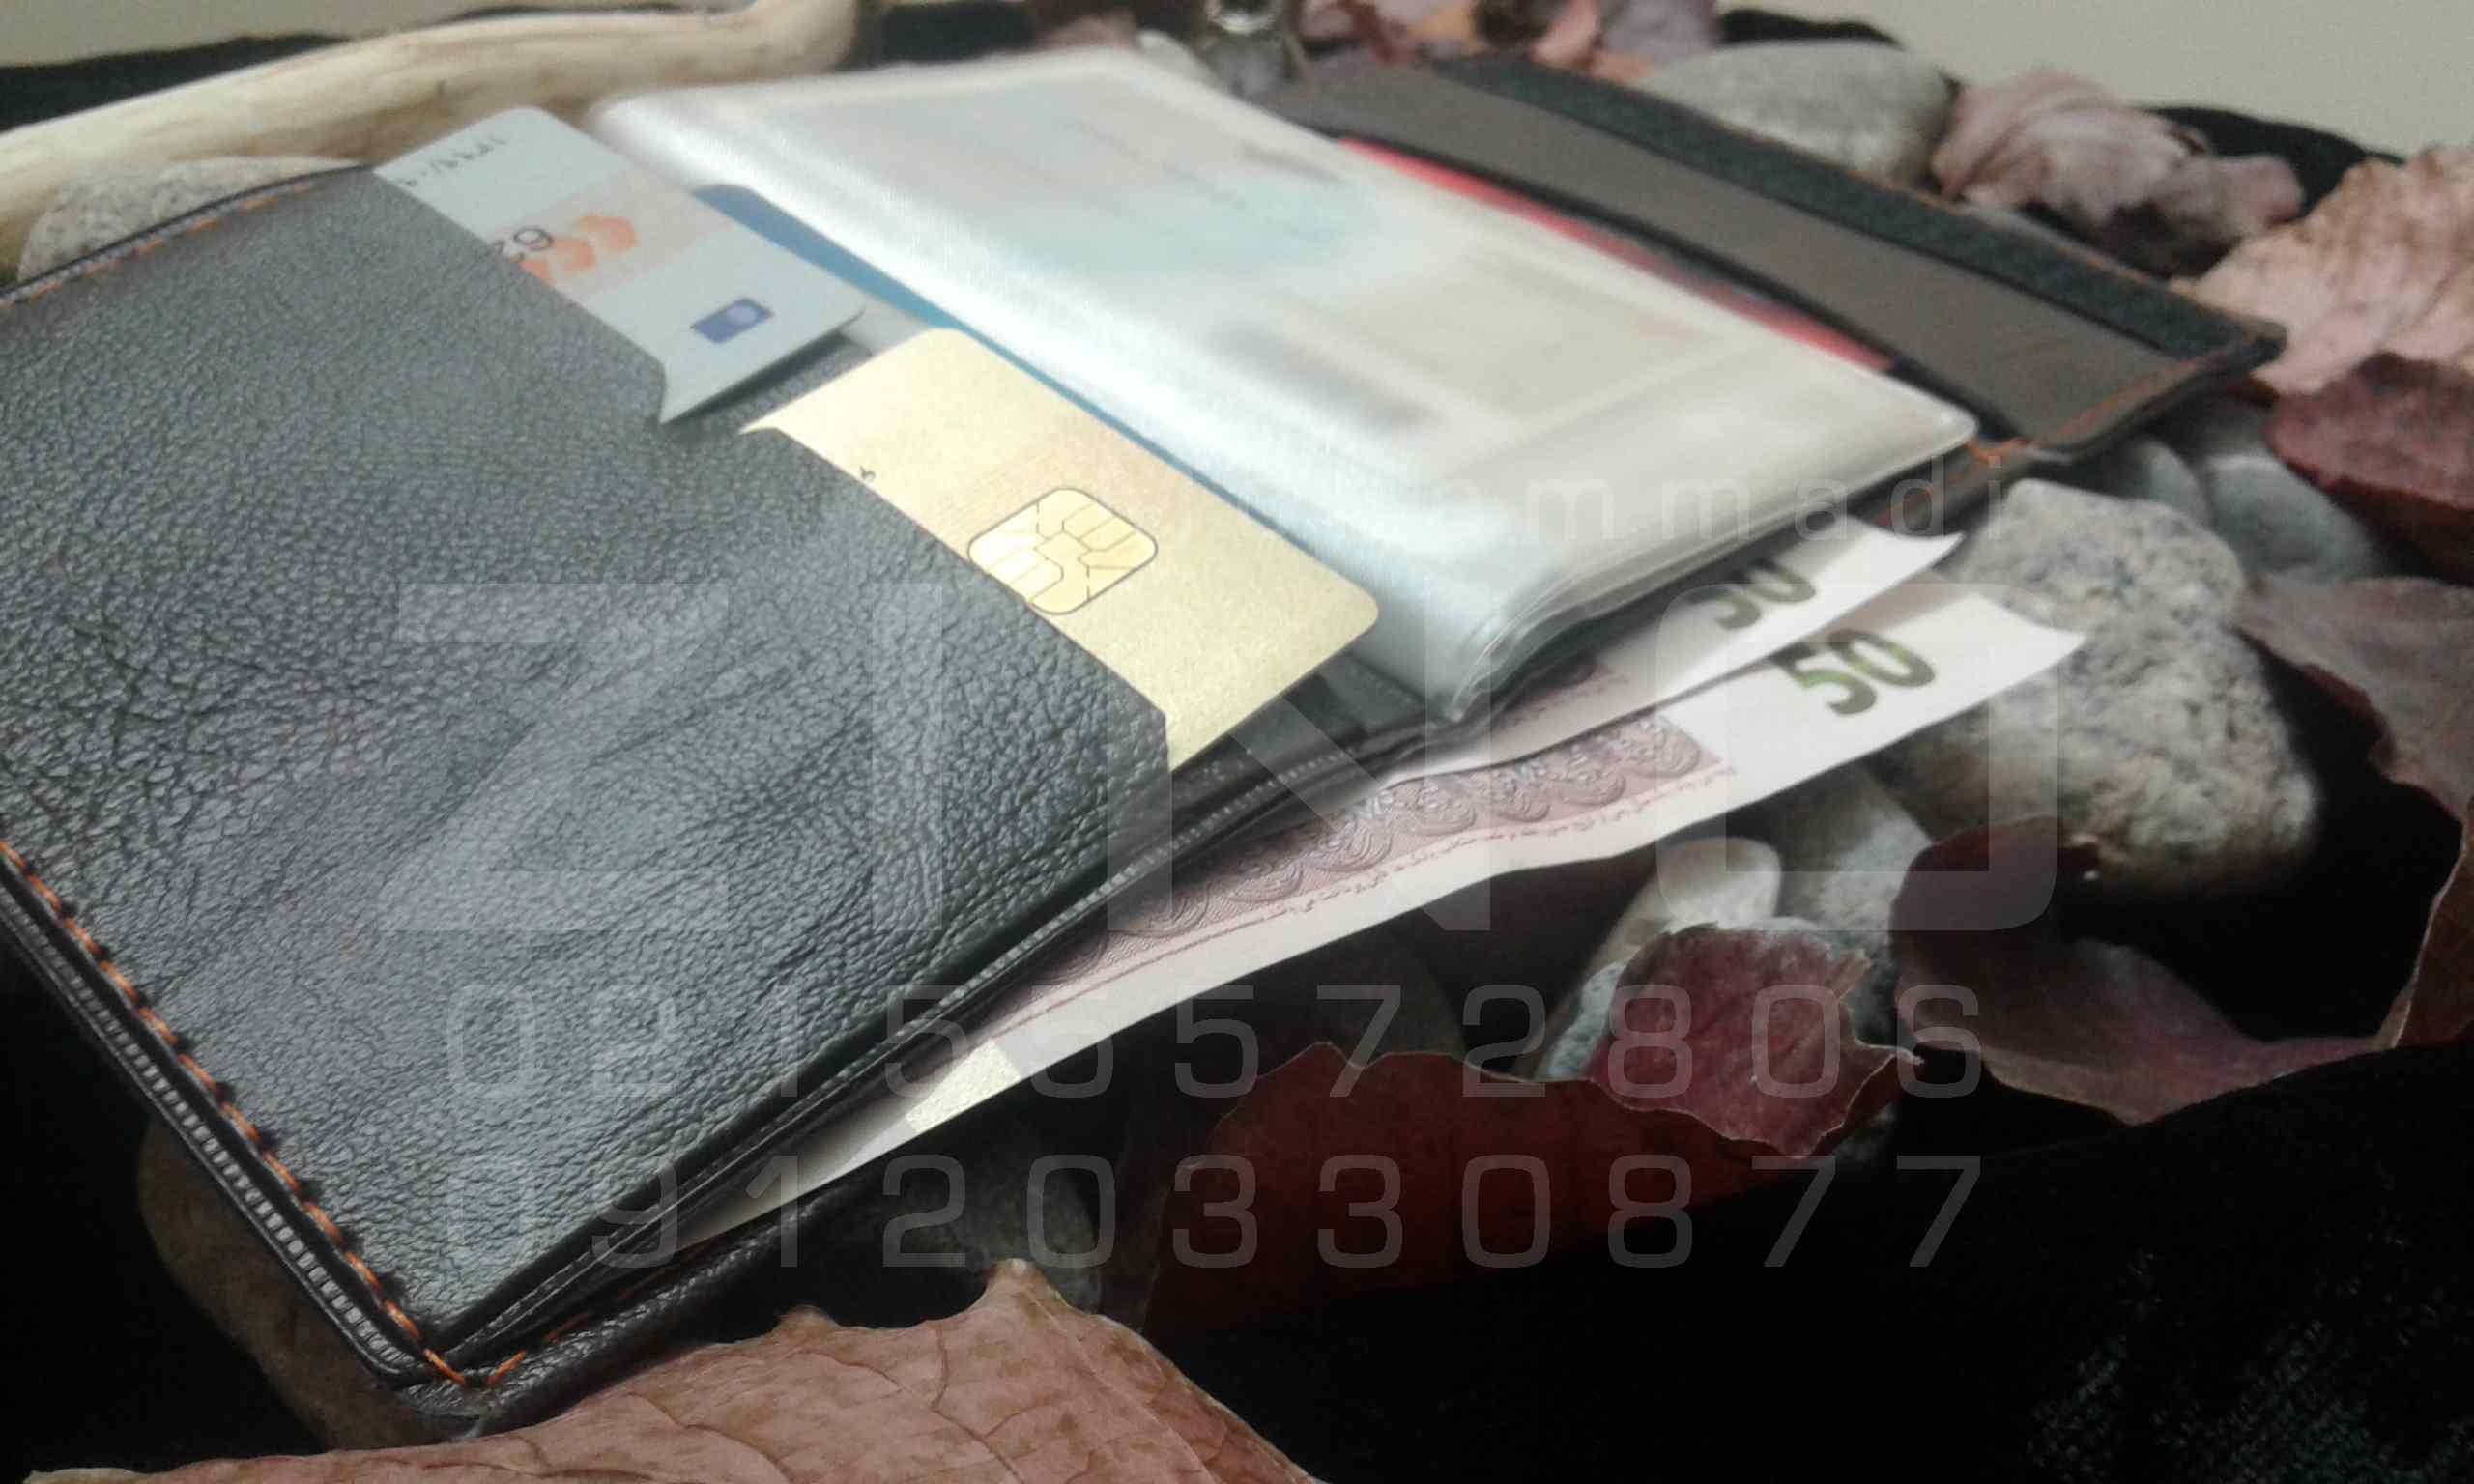 خرید اینترنتی عمده کیف مدارک خودرو